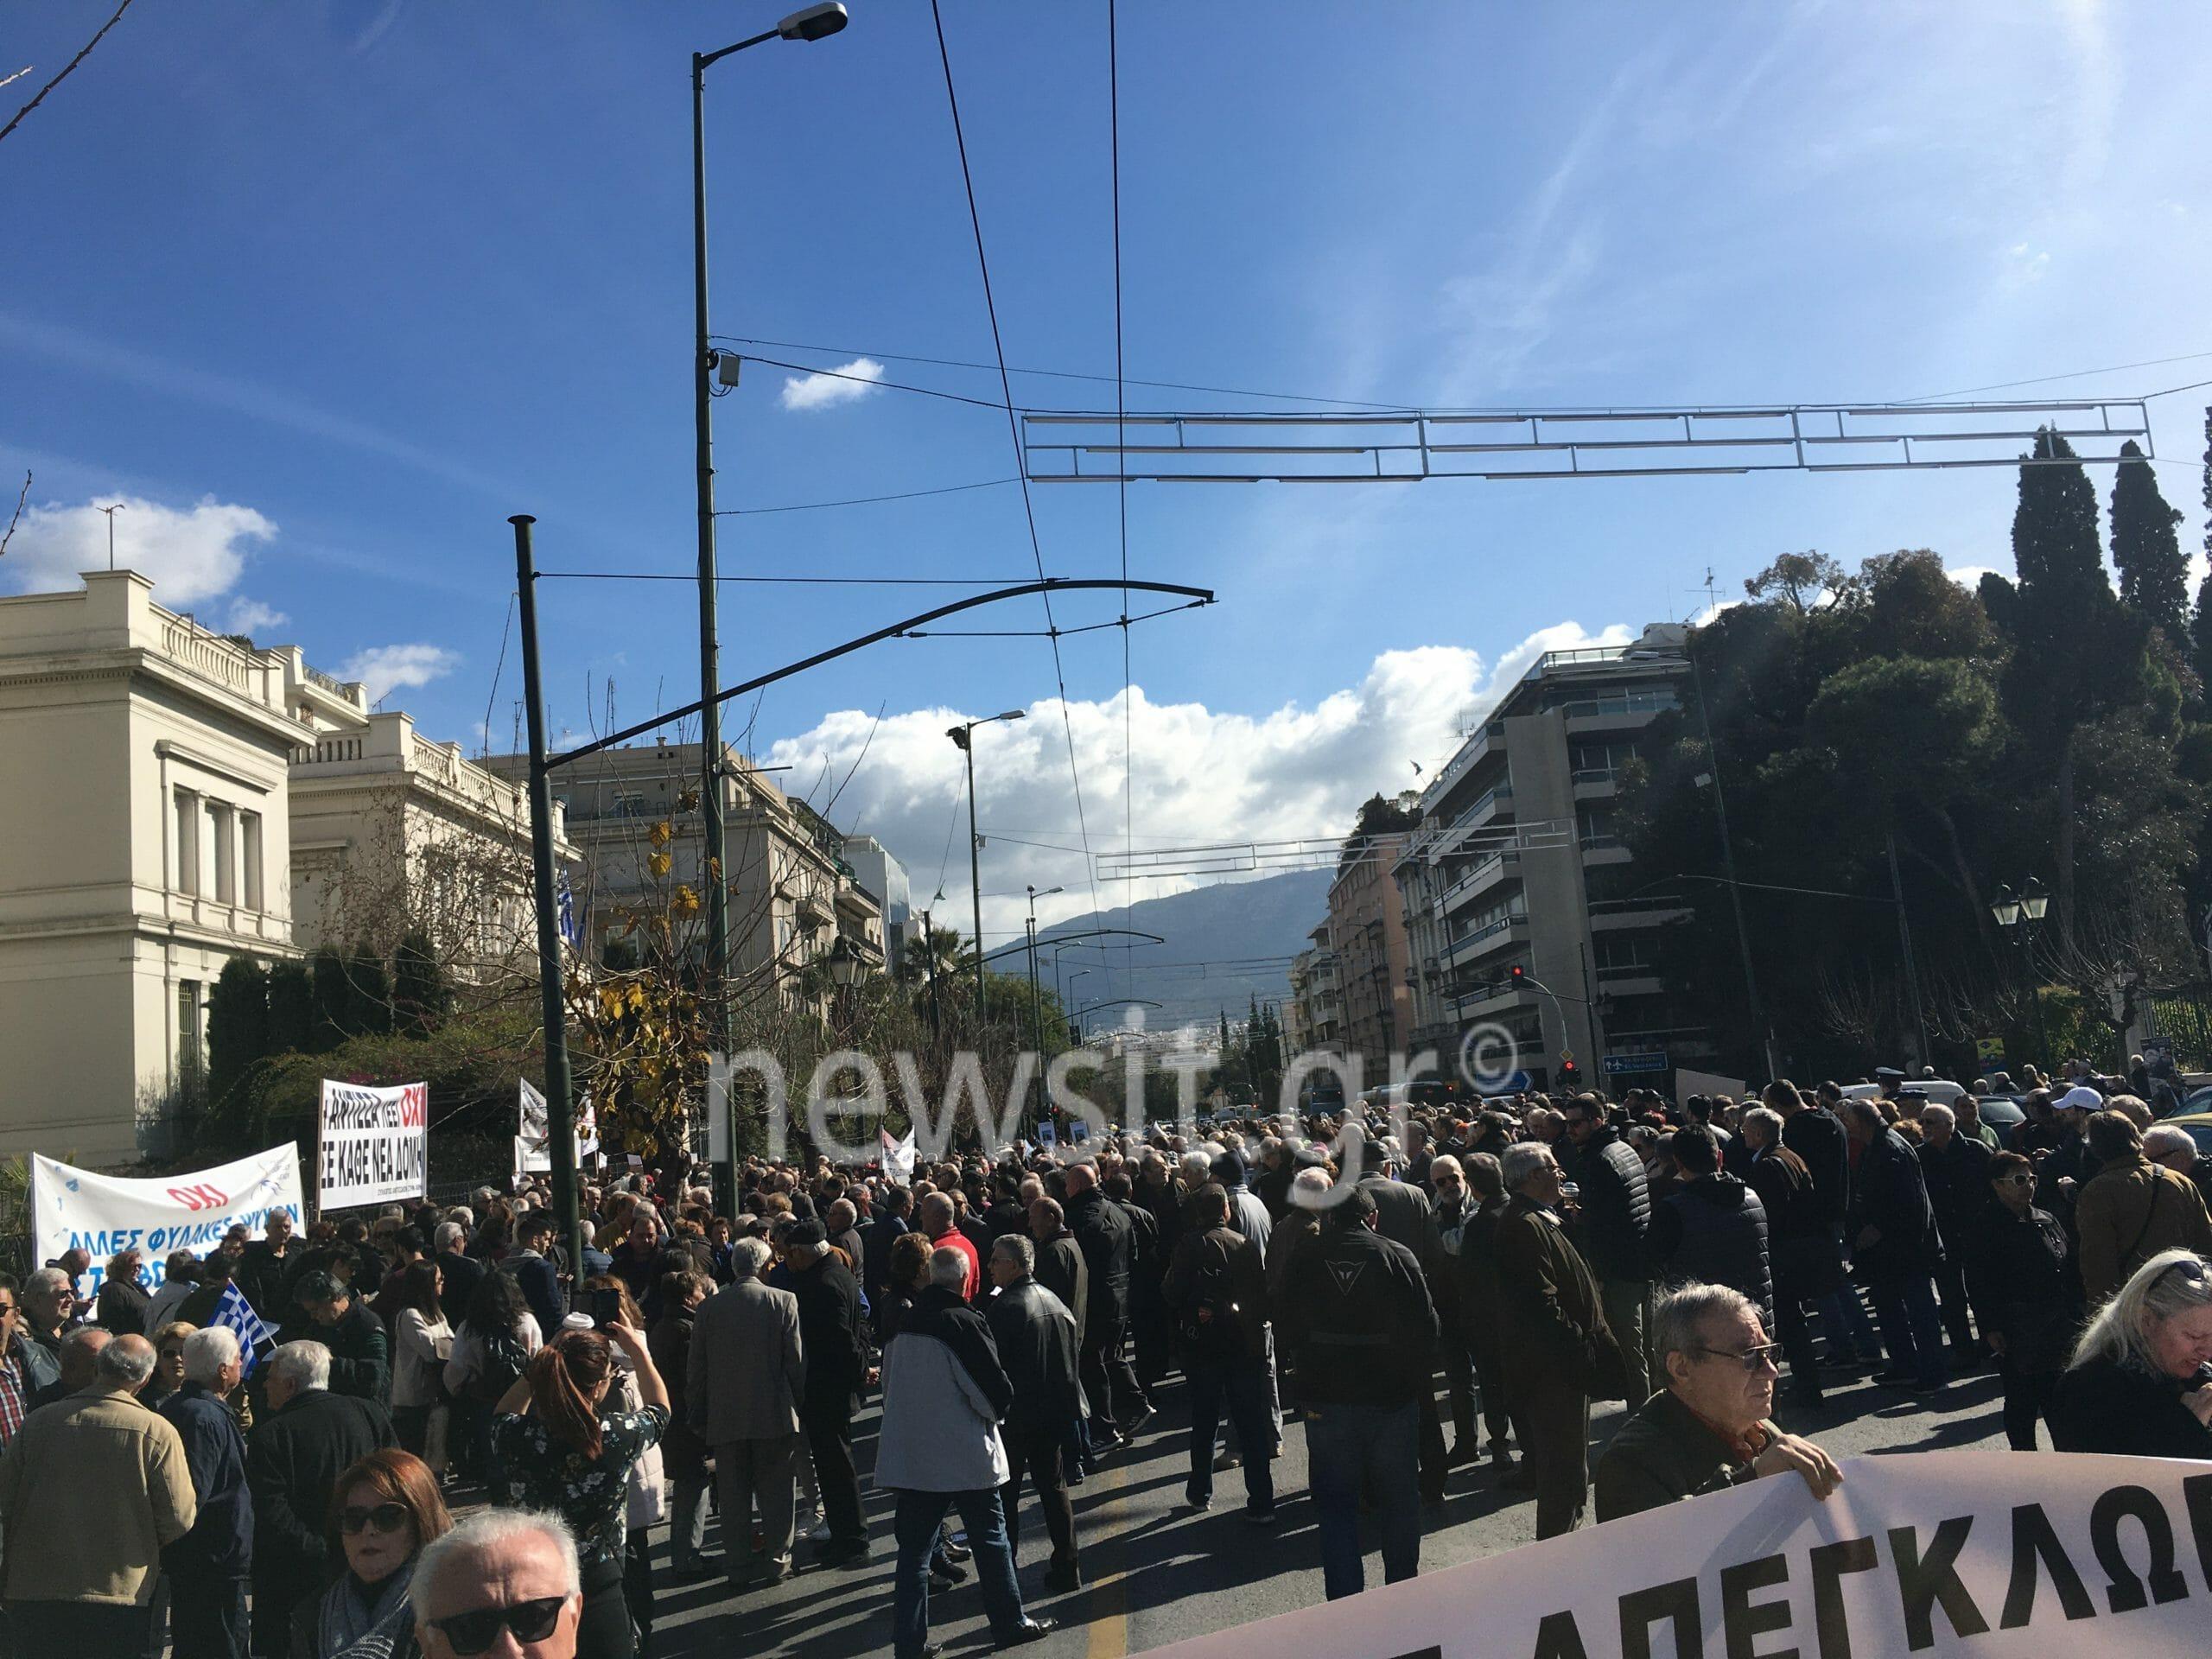 """Συλλαλητήριο διαμαρτυρίας νησιωτών στο Υπουργείο Εσωτερικών - """"Βράζουν"""" για την επίταξη γης για κλειστά κέντρα - Κυκλοφοριακό """"έμφραγμα"""""""